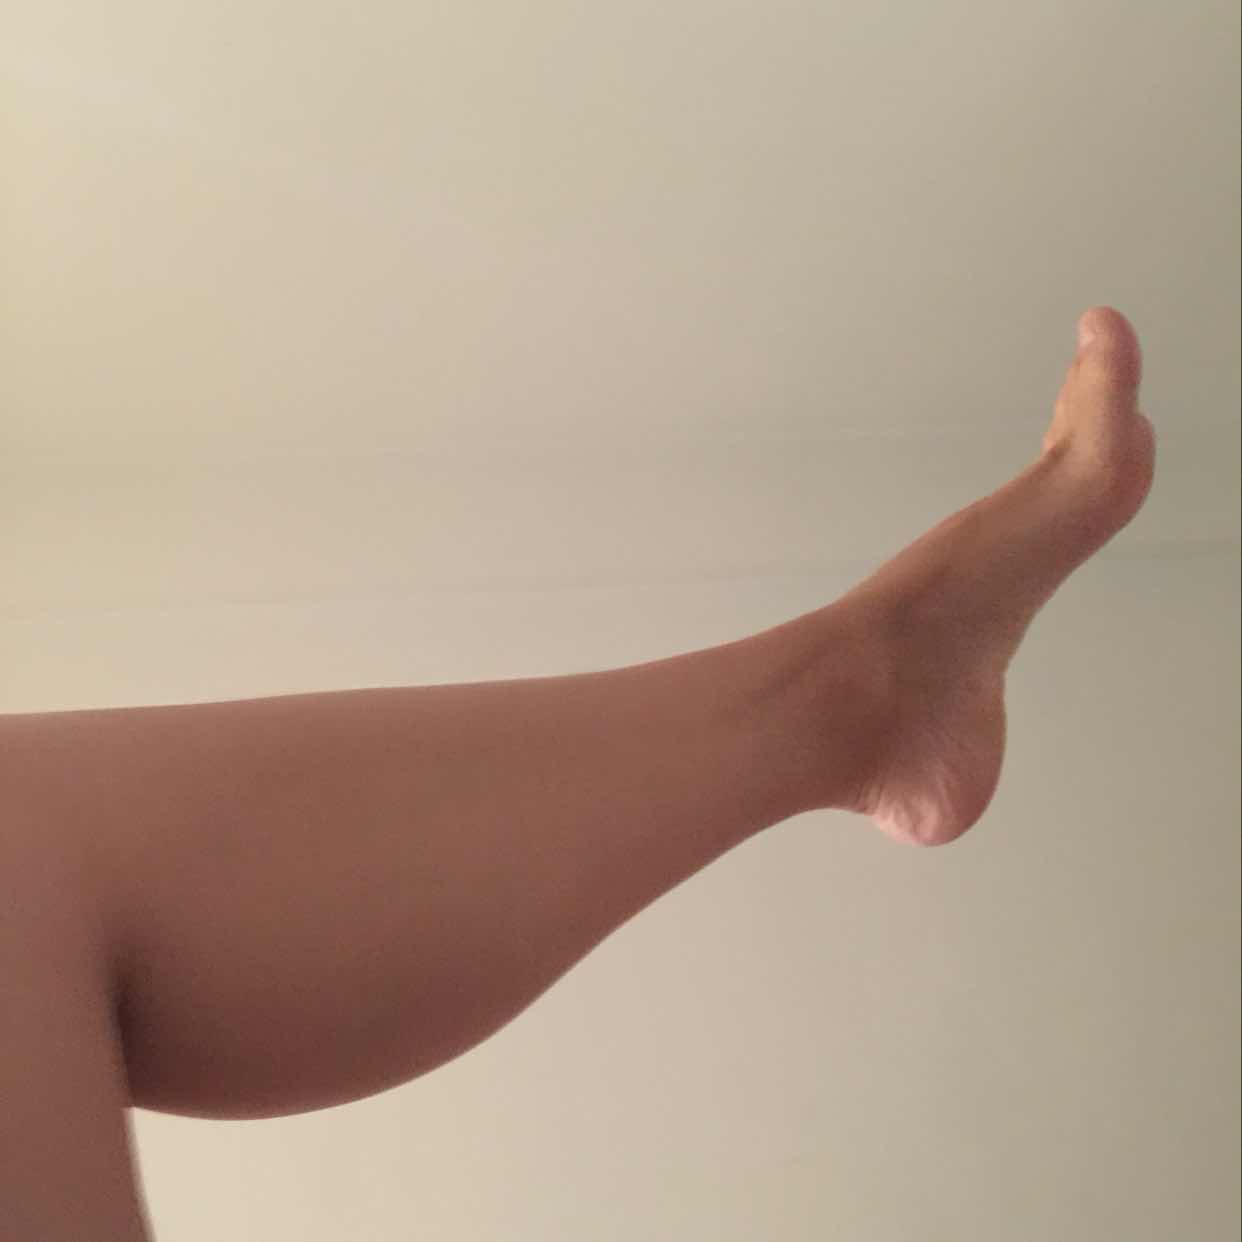 吸脂瘦腿多久可以看到效果呢?我这一腿下去能给你蹬残废了你信不信。